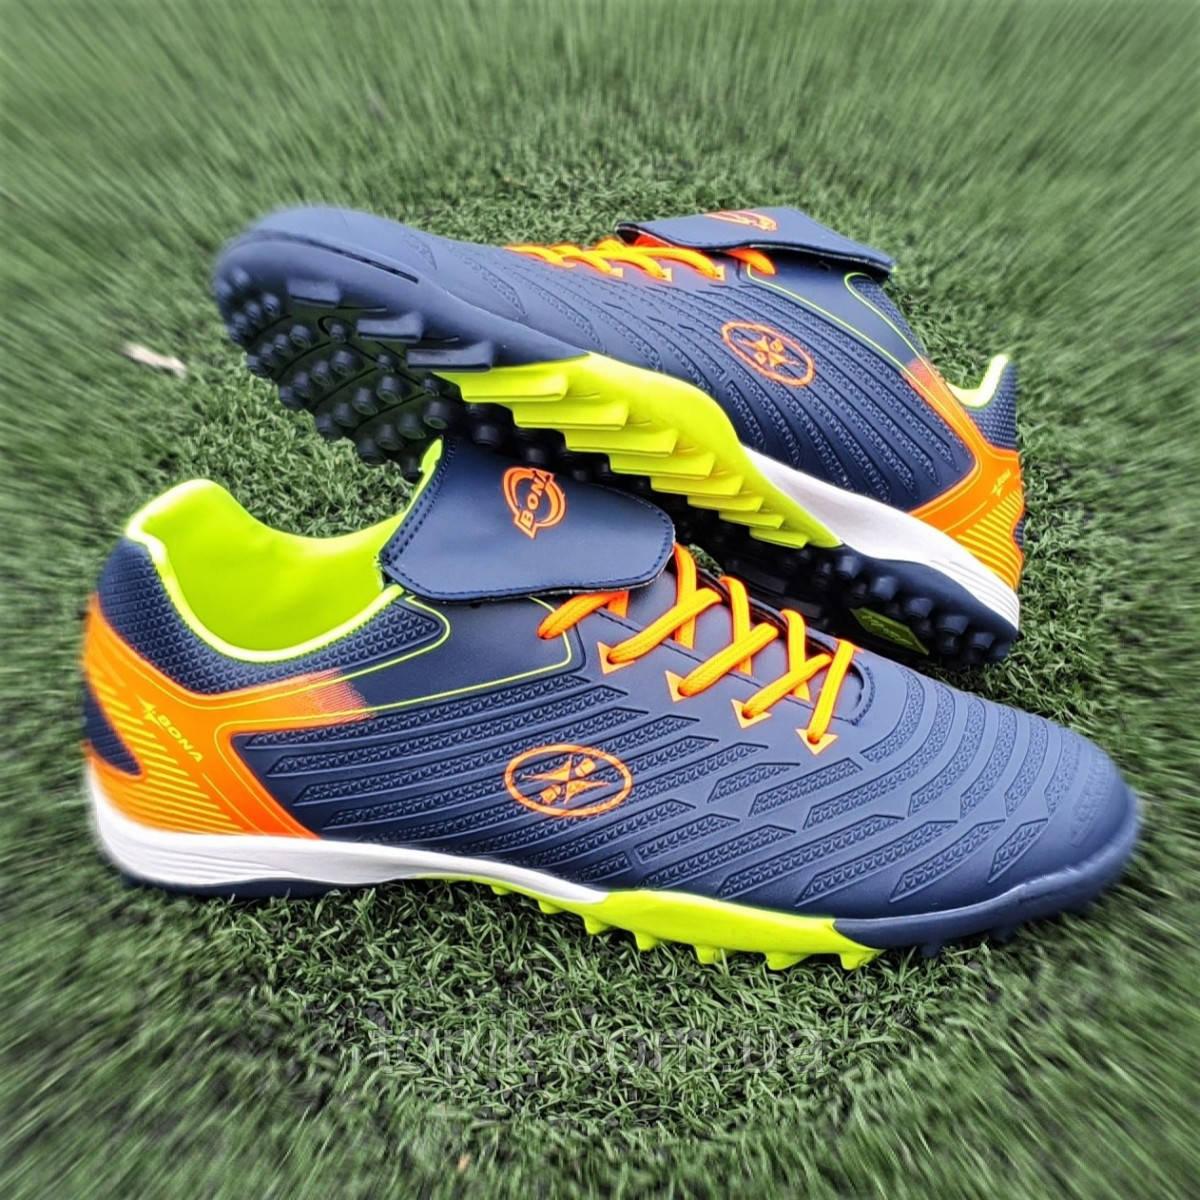 Мужские сороконожки Tiempo, бампы, кроссовки для футбола темно синие легкие, прошитый носок  (Код: 1402а)